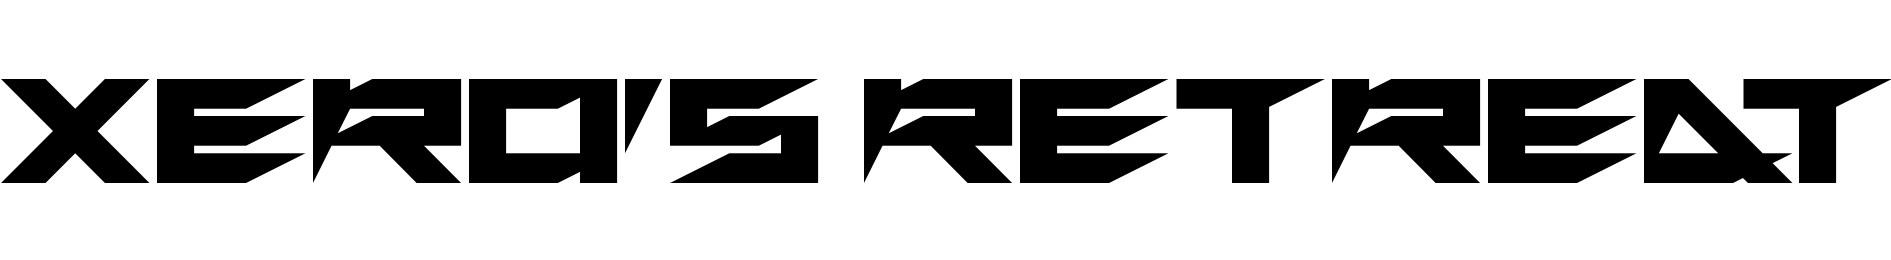 Xero's Retreat